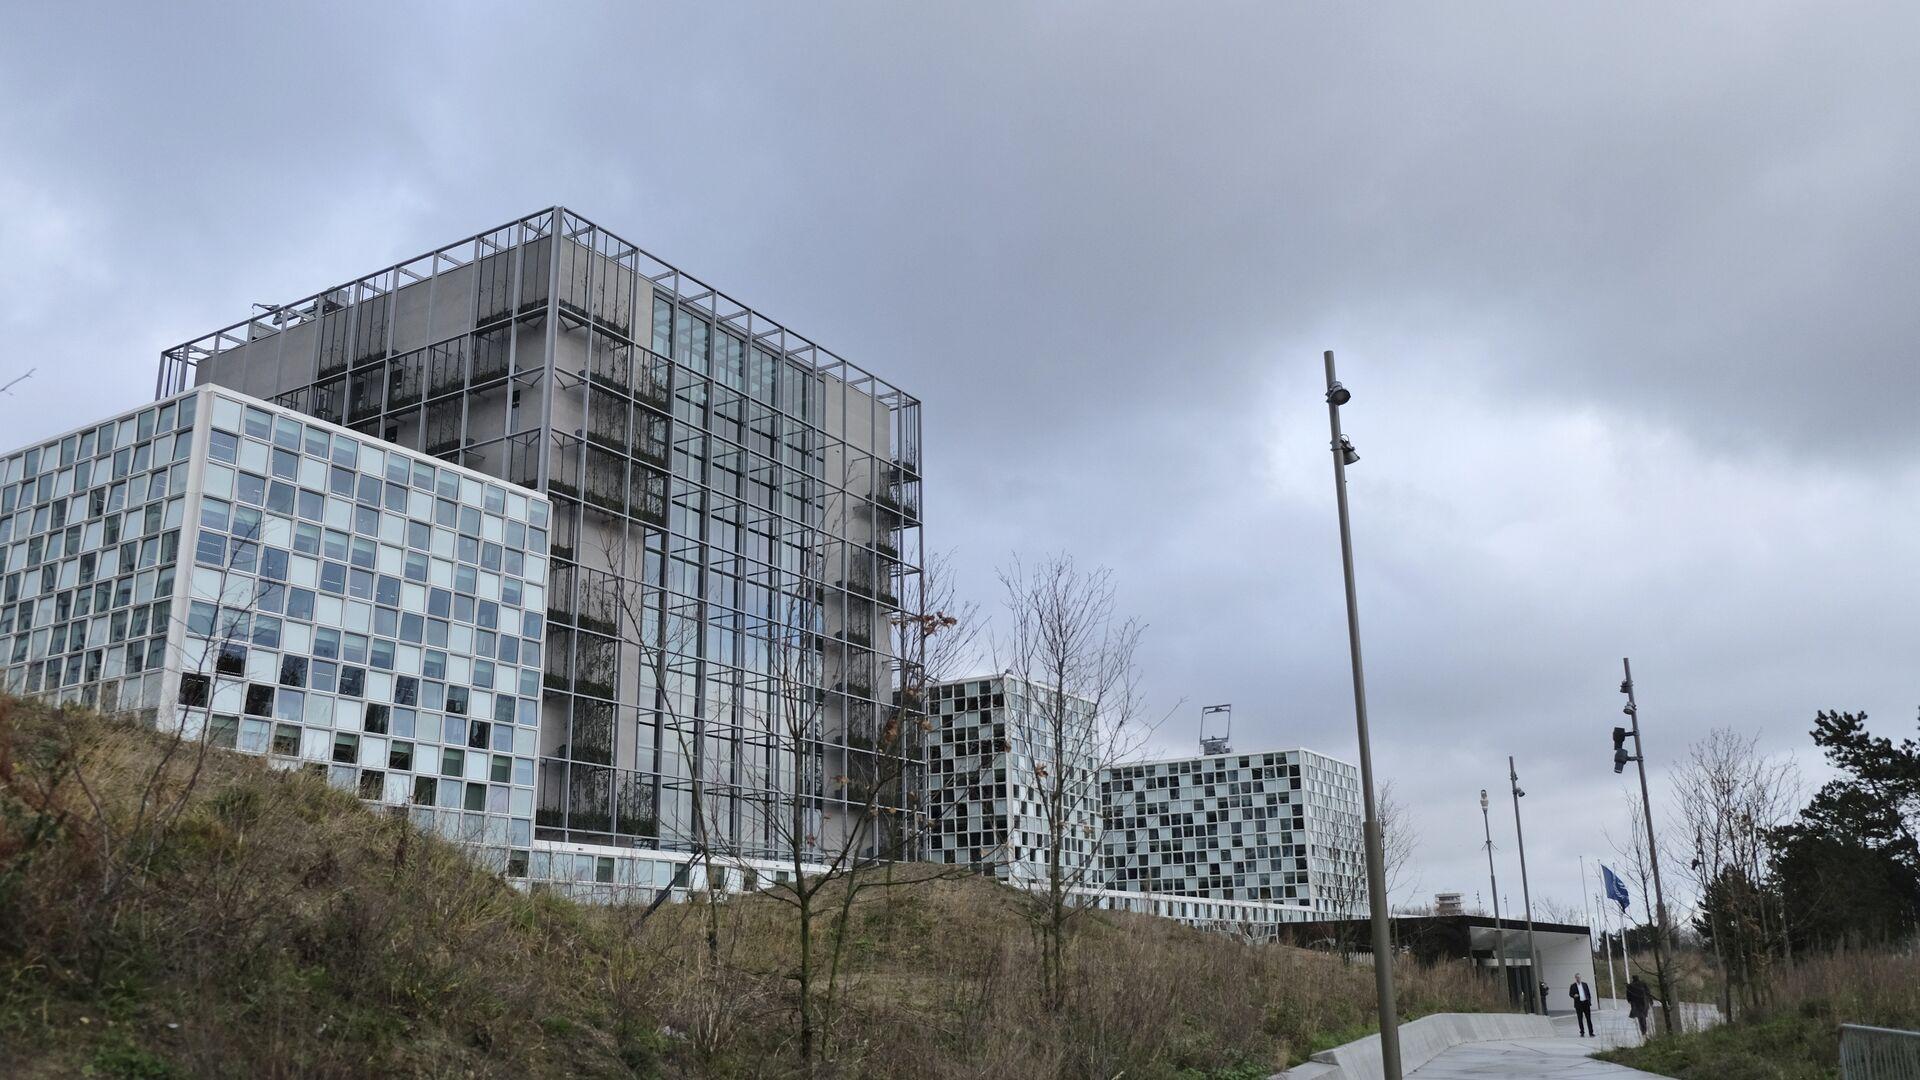 Здание Международного уголовного суда в Гааге, Нидерланды - РИА Новости, 1920, 08.04.2021